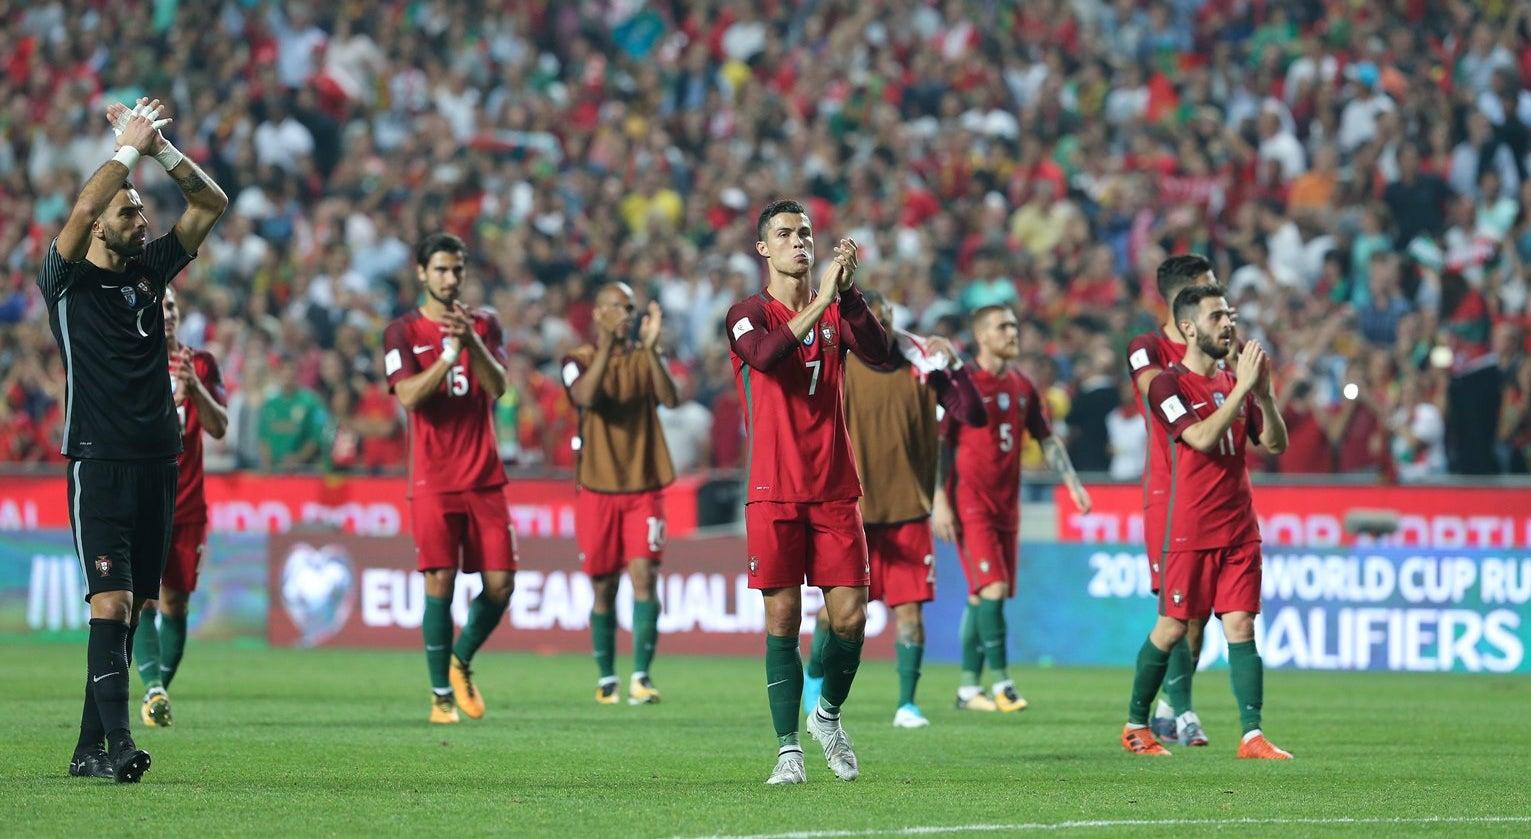 A caminhada de Portugal para chegar ao Mundial 2018